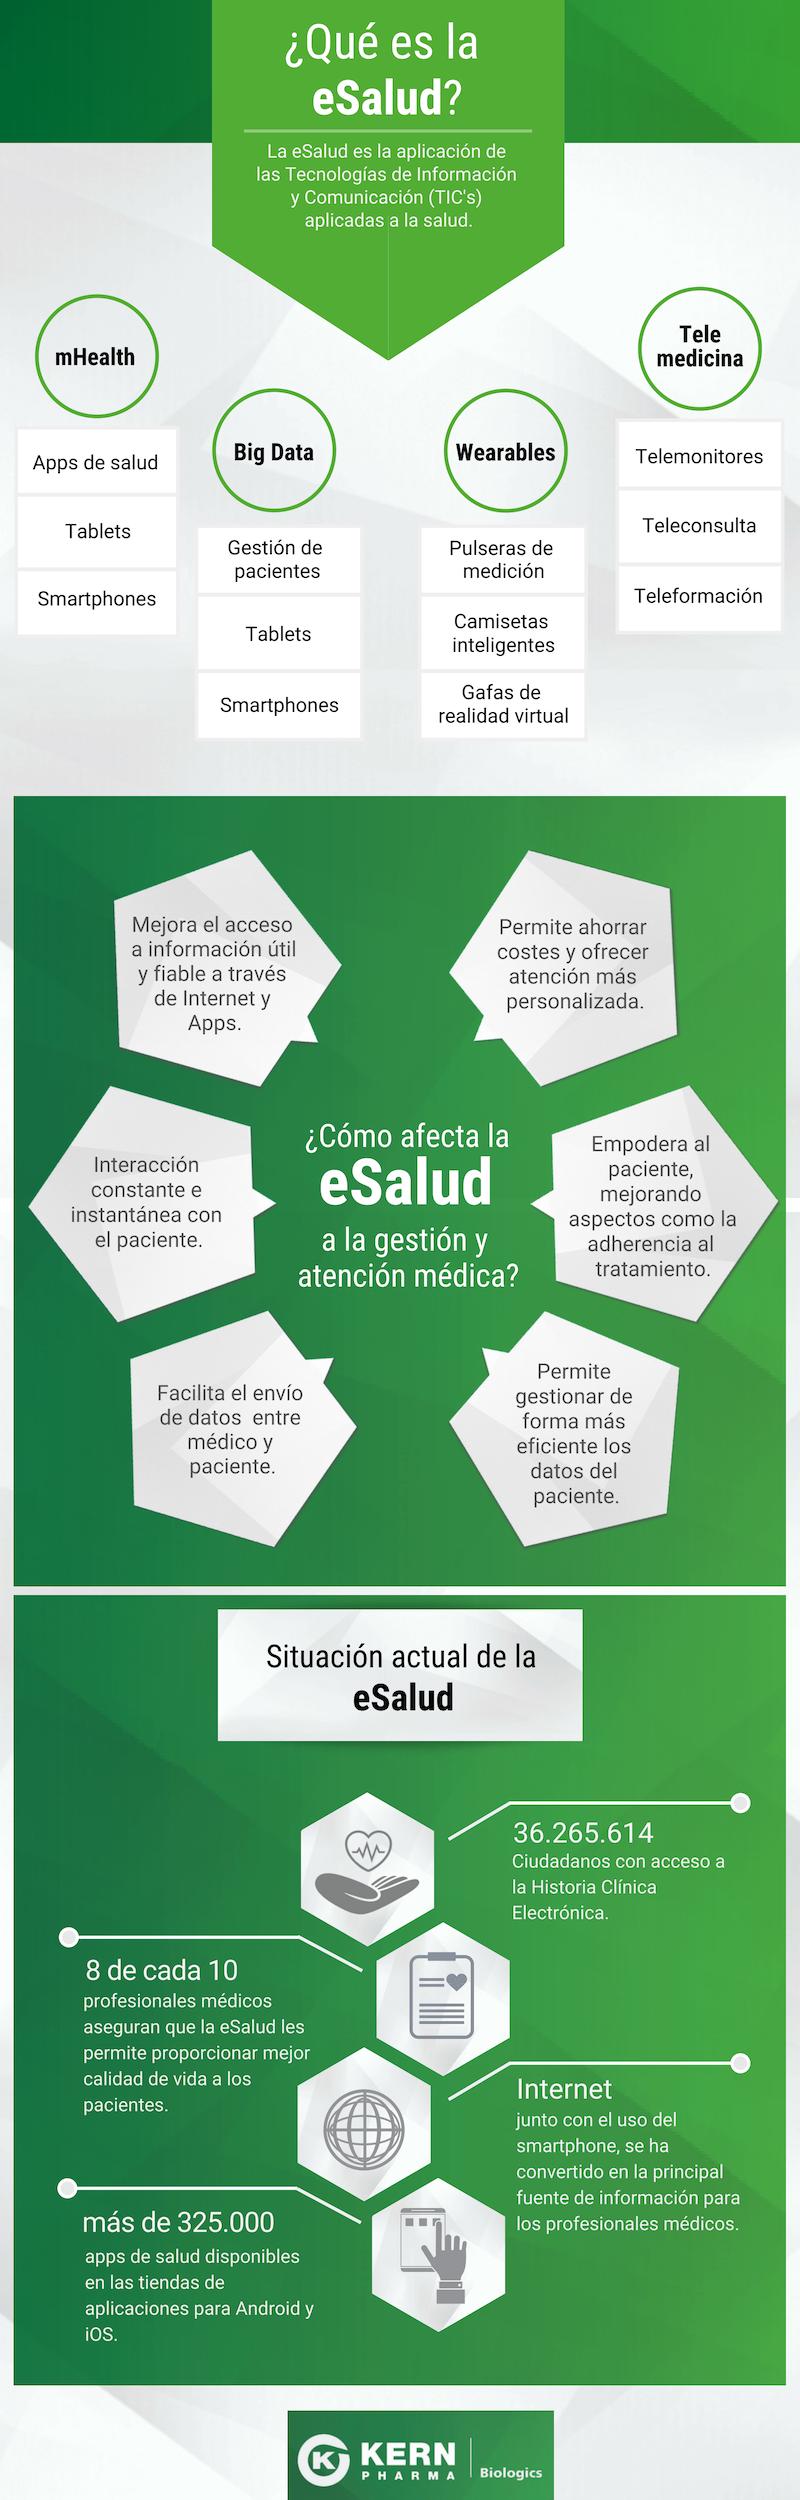 ¿Qué es la eSalud? (1)